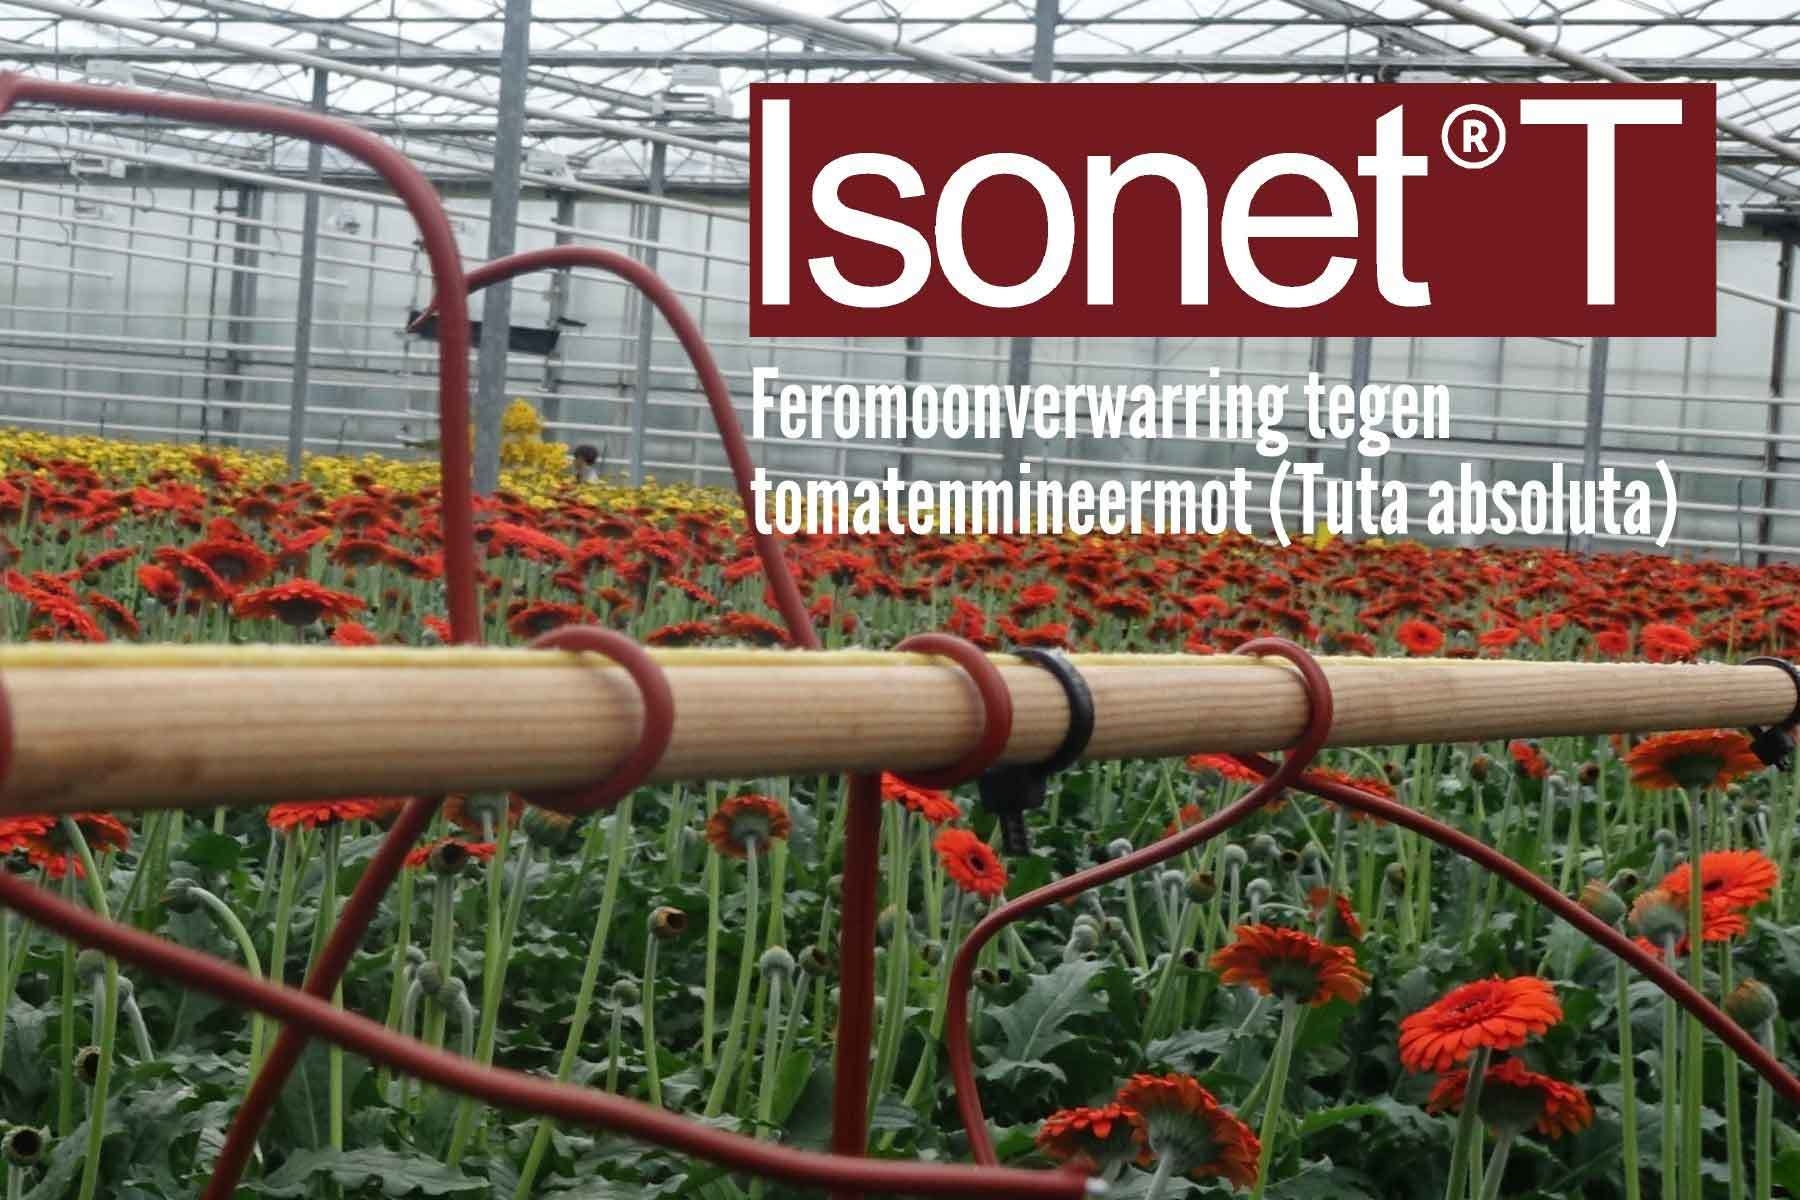 IsonetT